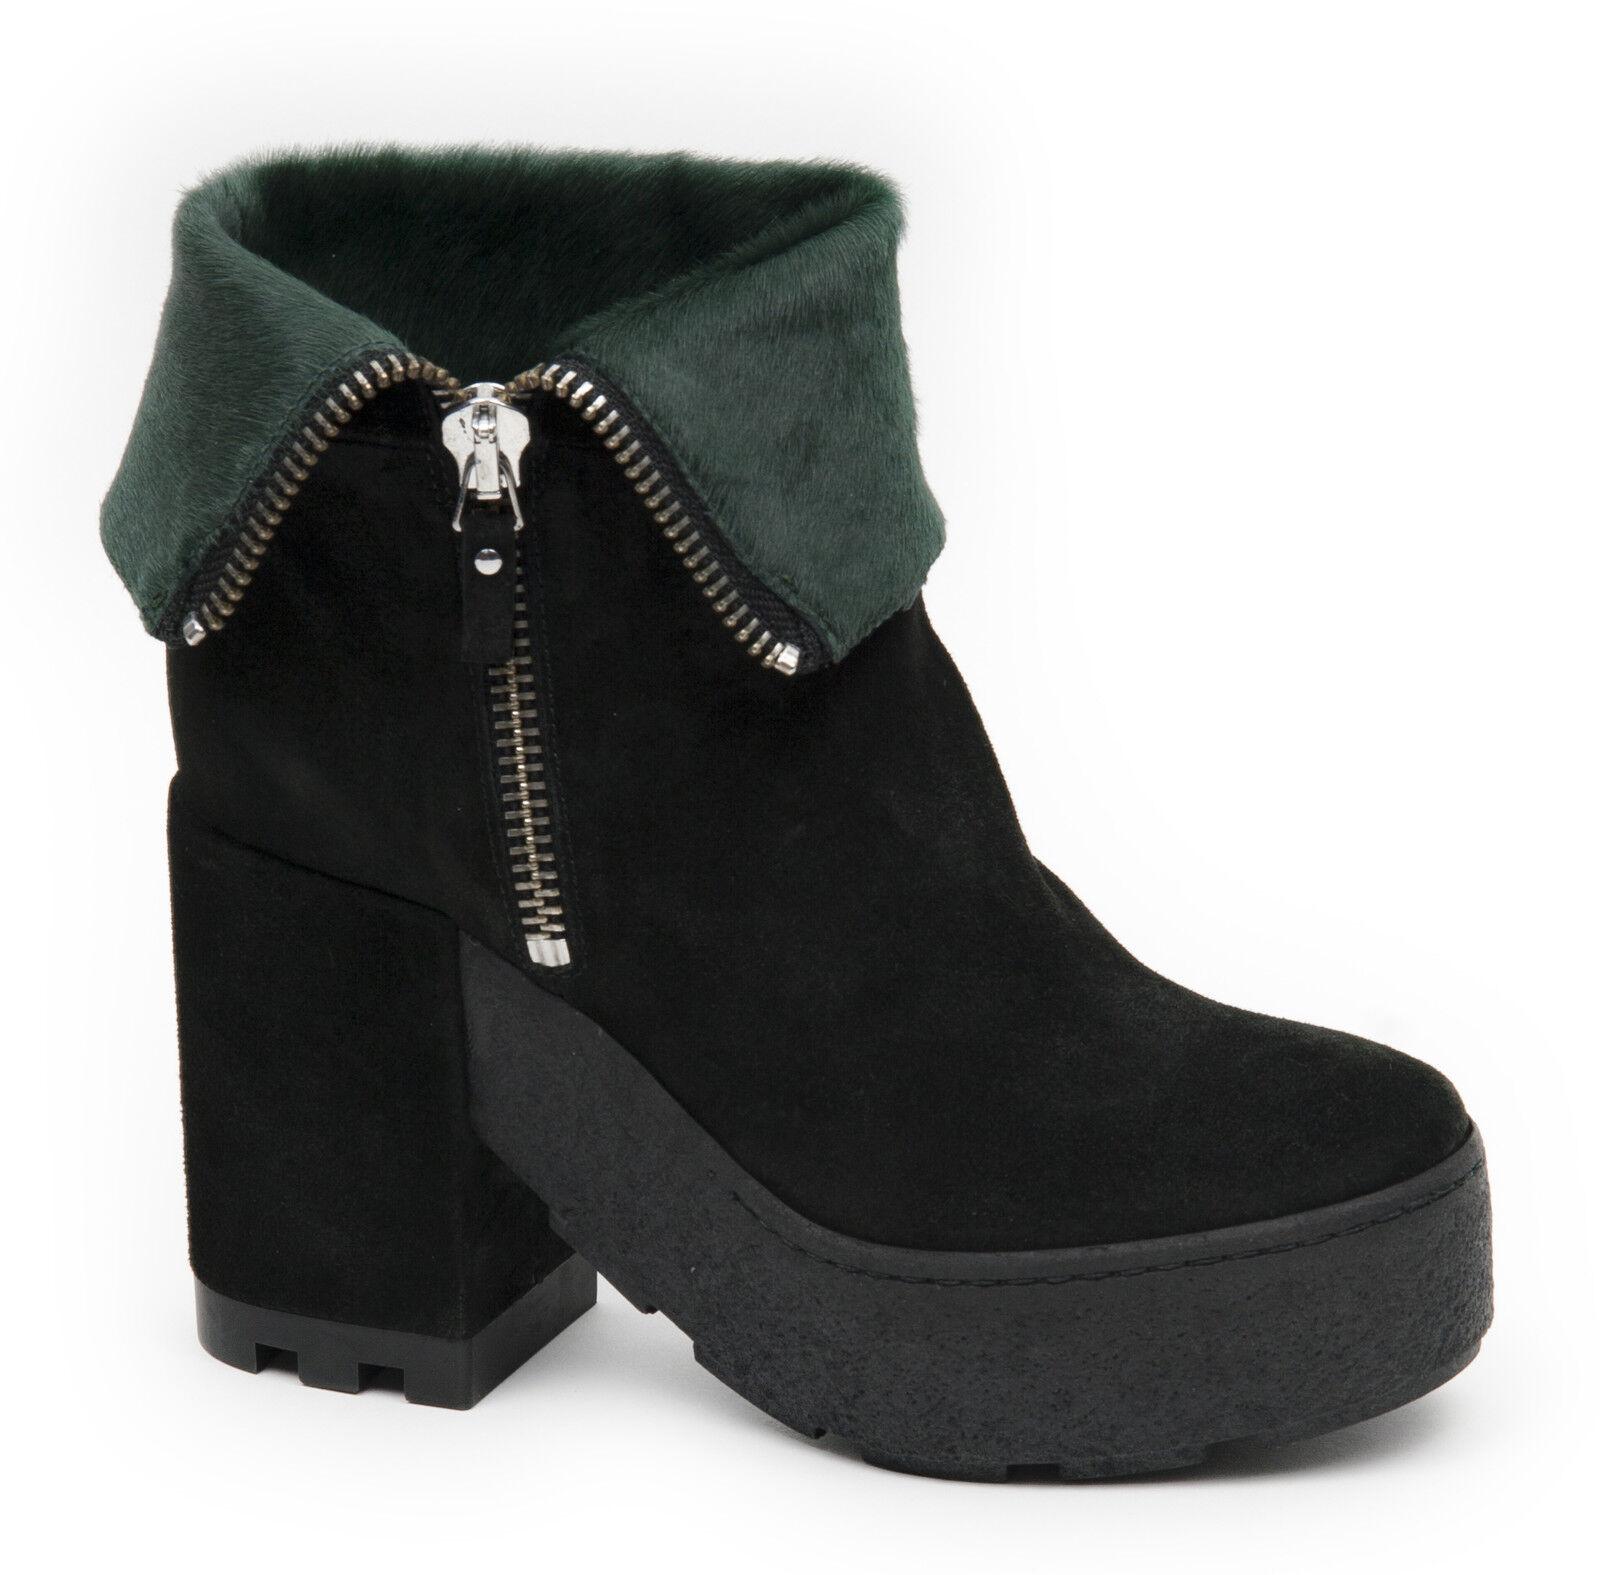 Vic genuina botines botas 1p7262d. p 56 56 56 CLOB 013 malva negro verde NUEVO sale  ordenar ahora